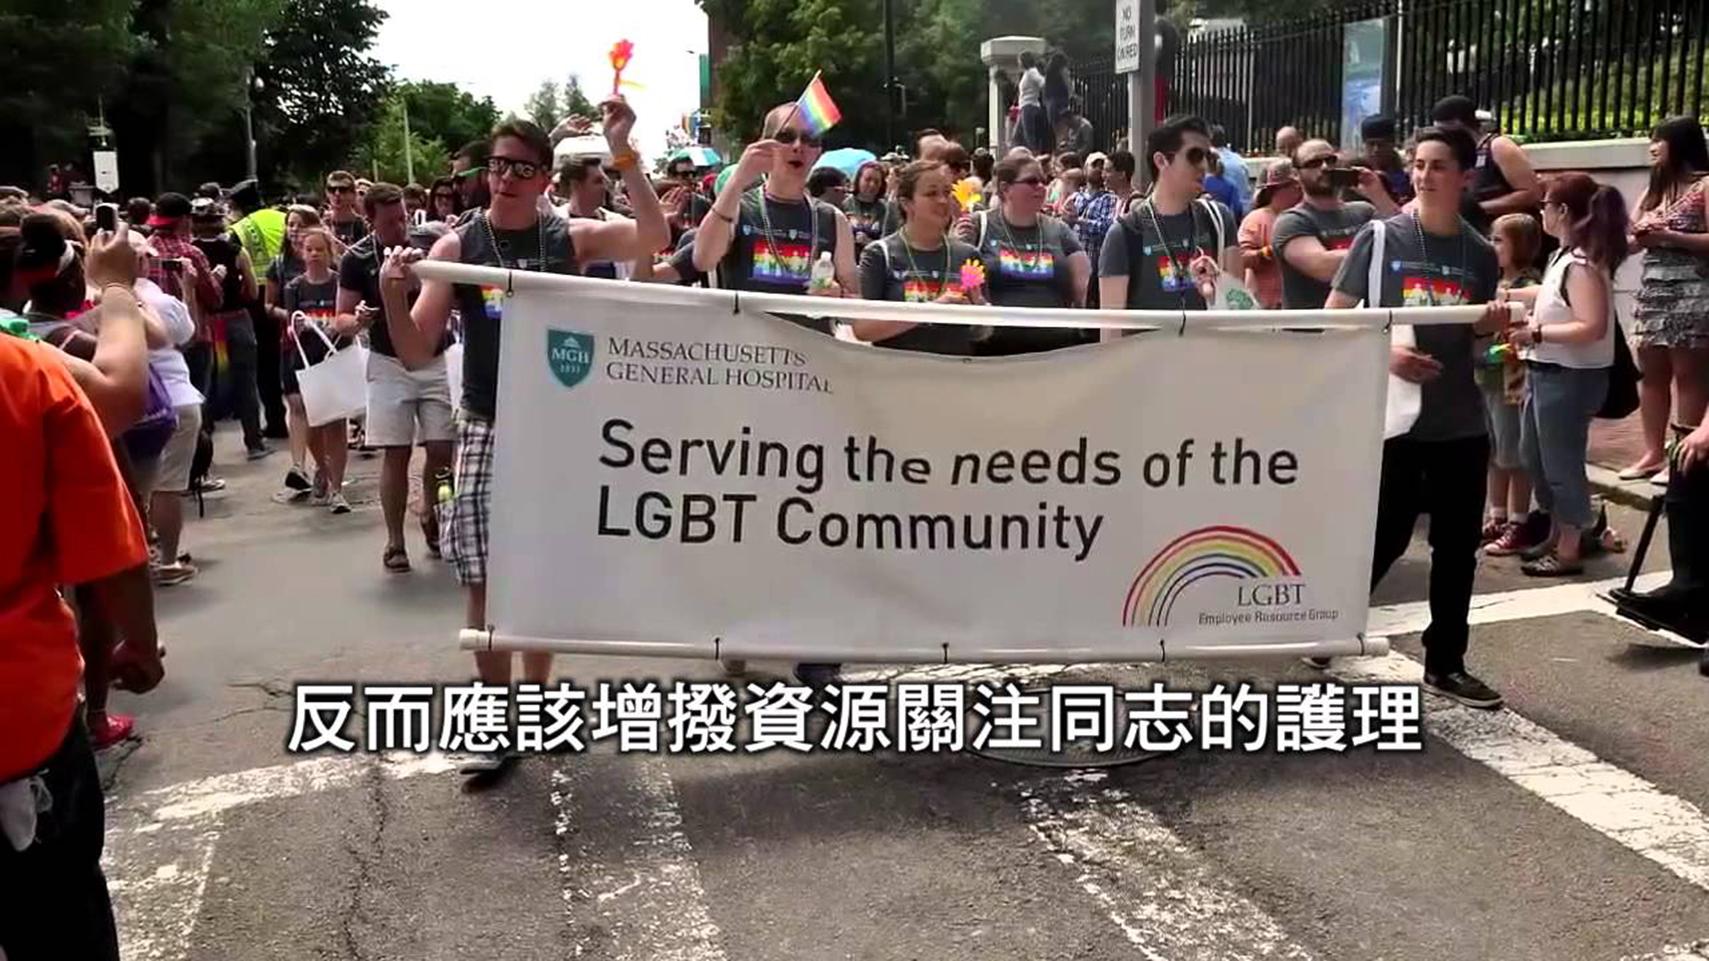 同性戀被合法化後,連醫院都要求為同性戀者提供更多的醫療服務。(YouTube影片截圖)